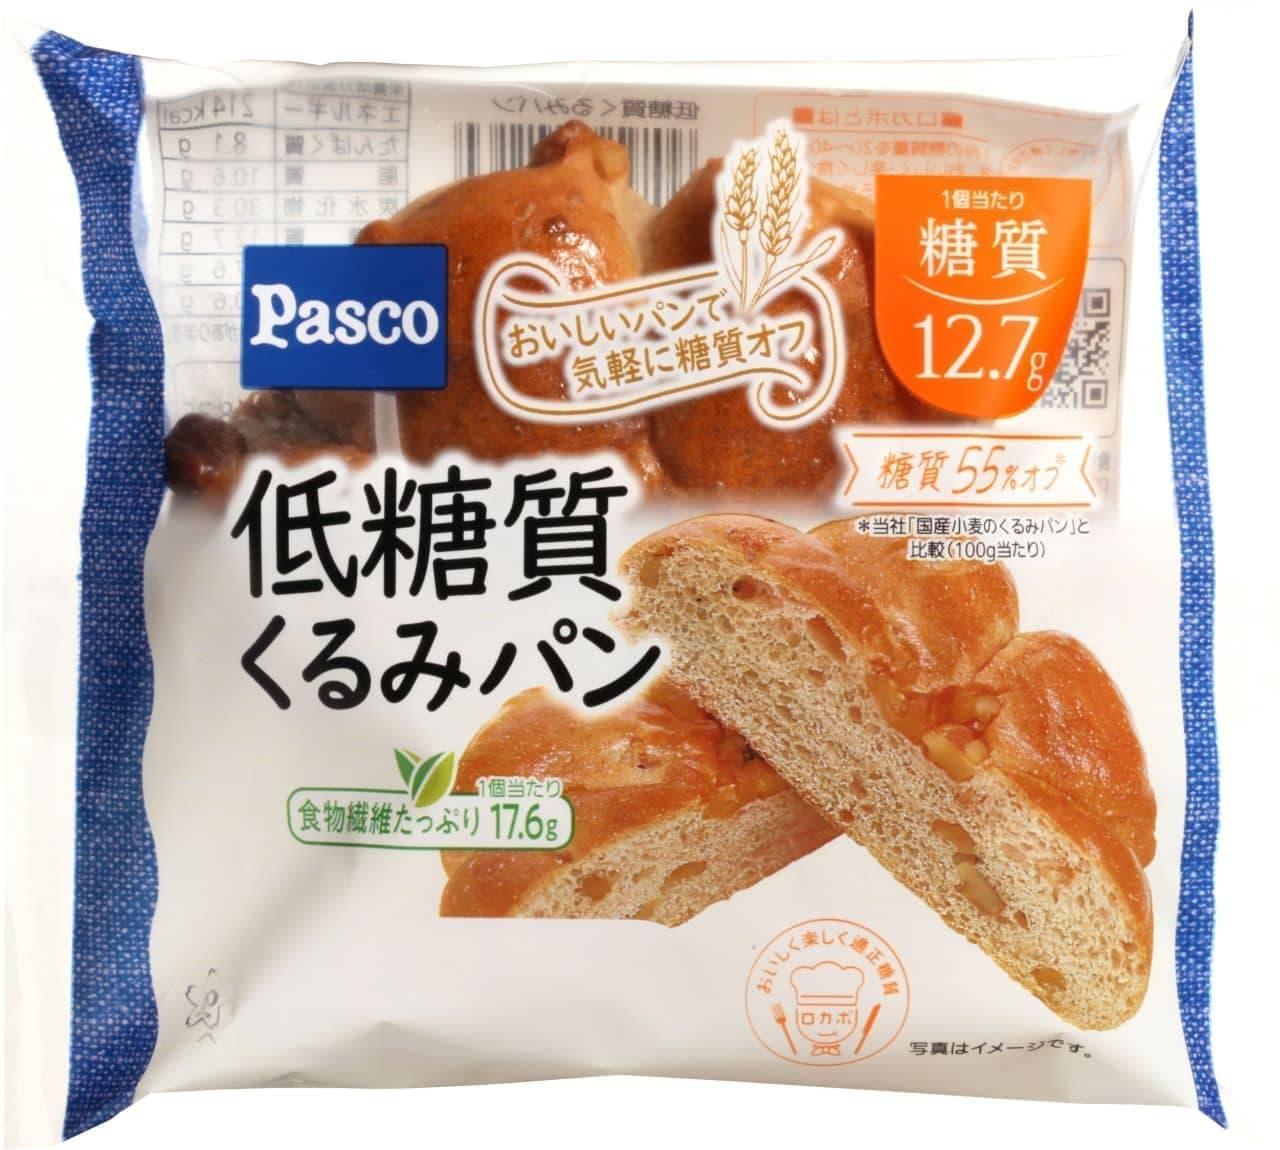 パスコ「低糖質くるみパン」